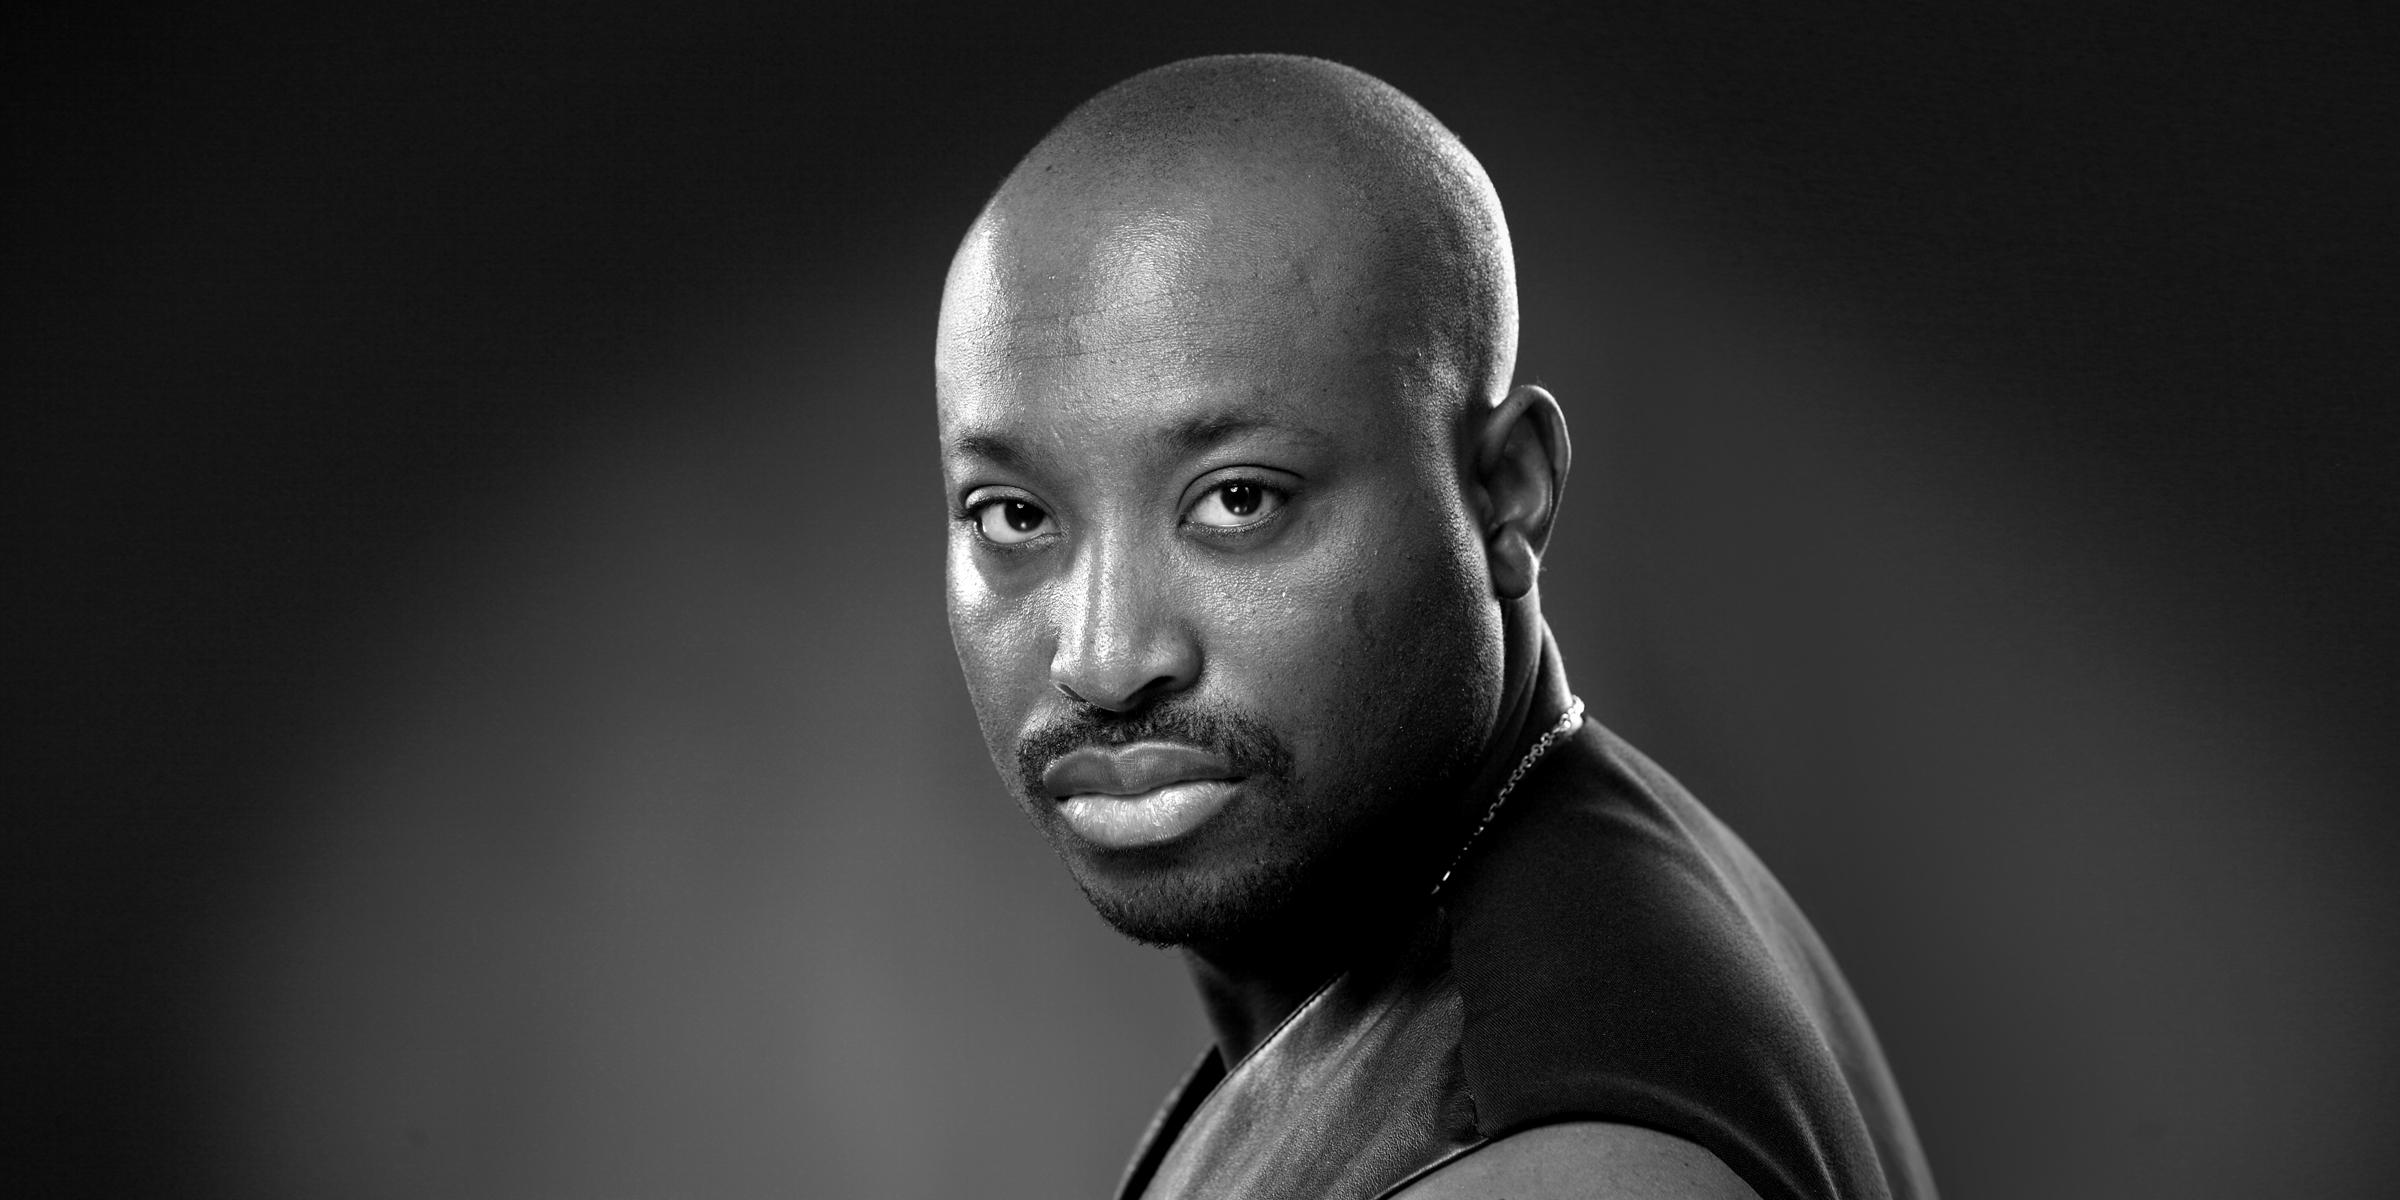 Seitliches Frontportrait in schwarz-weiß eines exotischen Mannes mit ernstem Blick posiert für Bewerbungsfoto und Portrait.